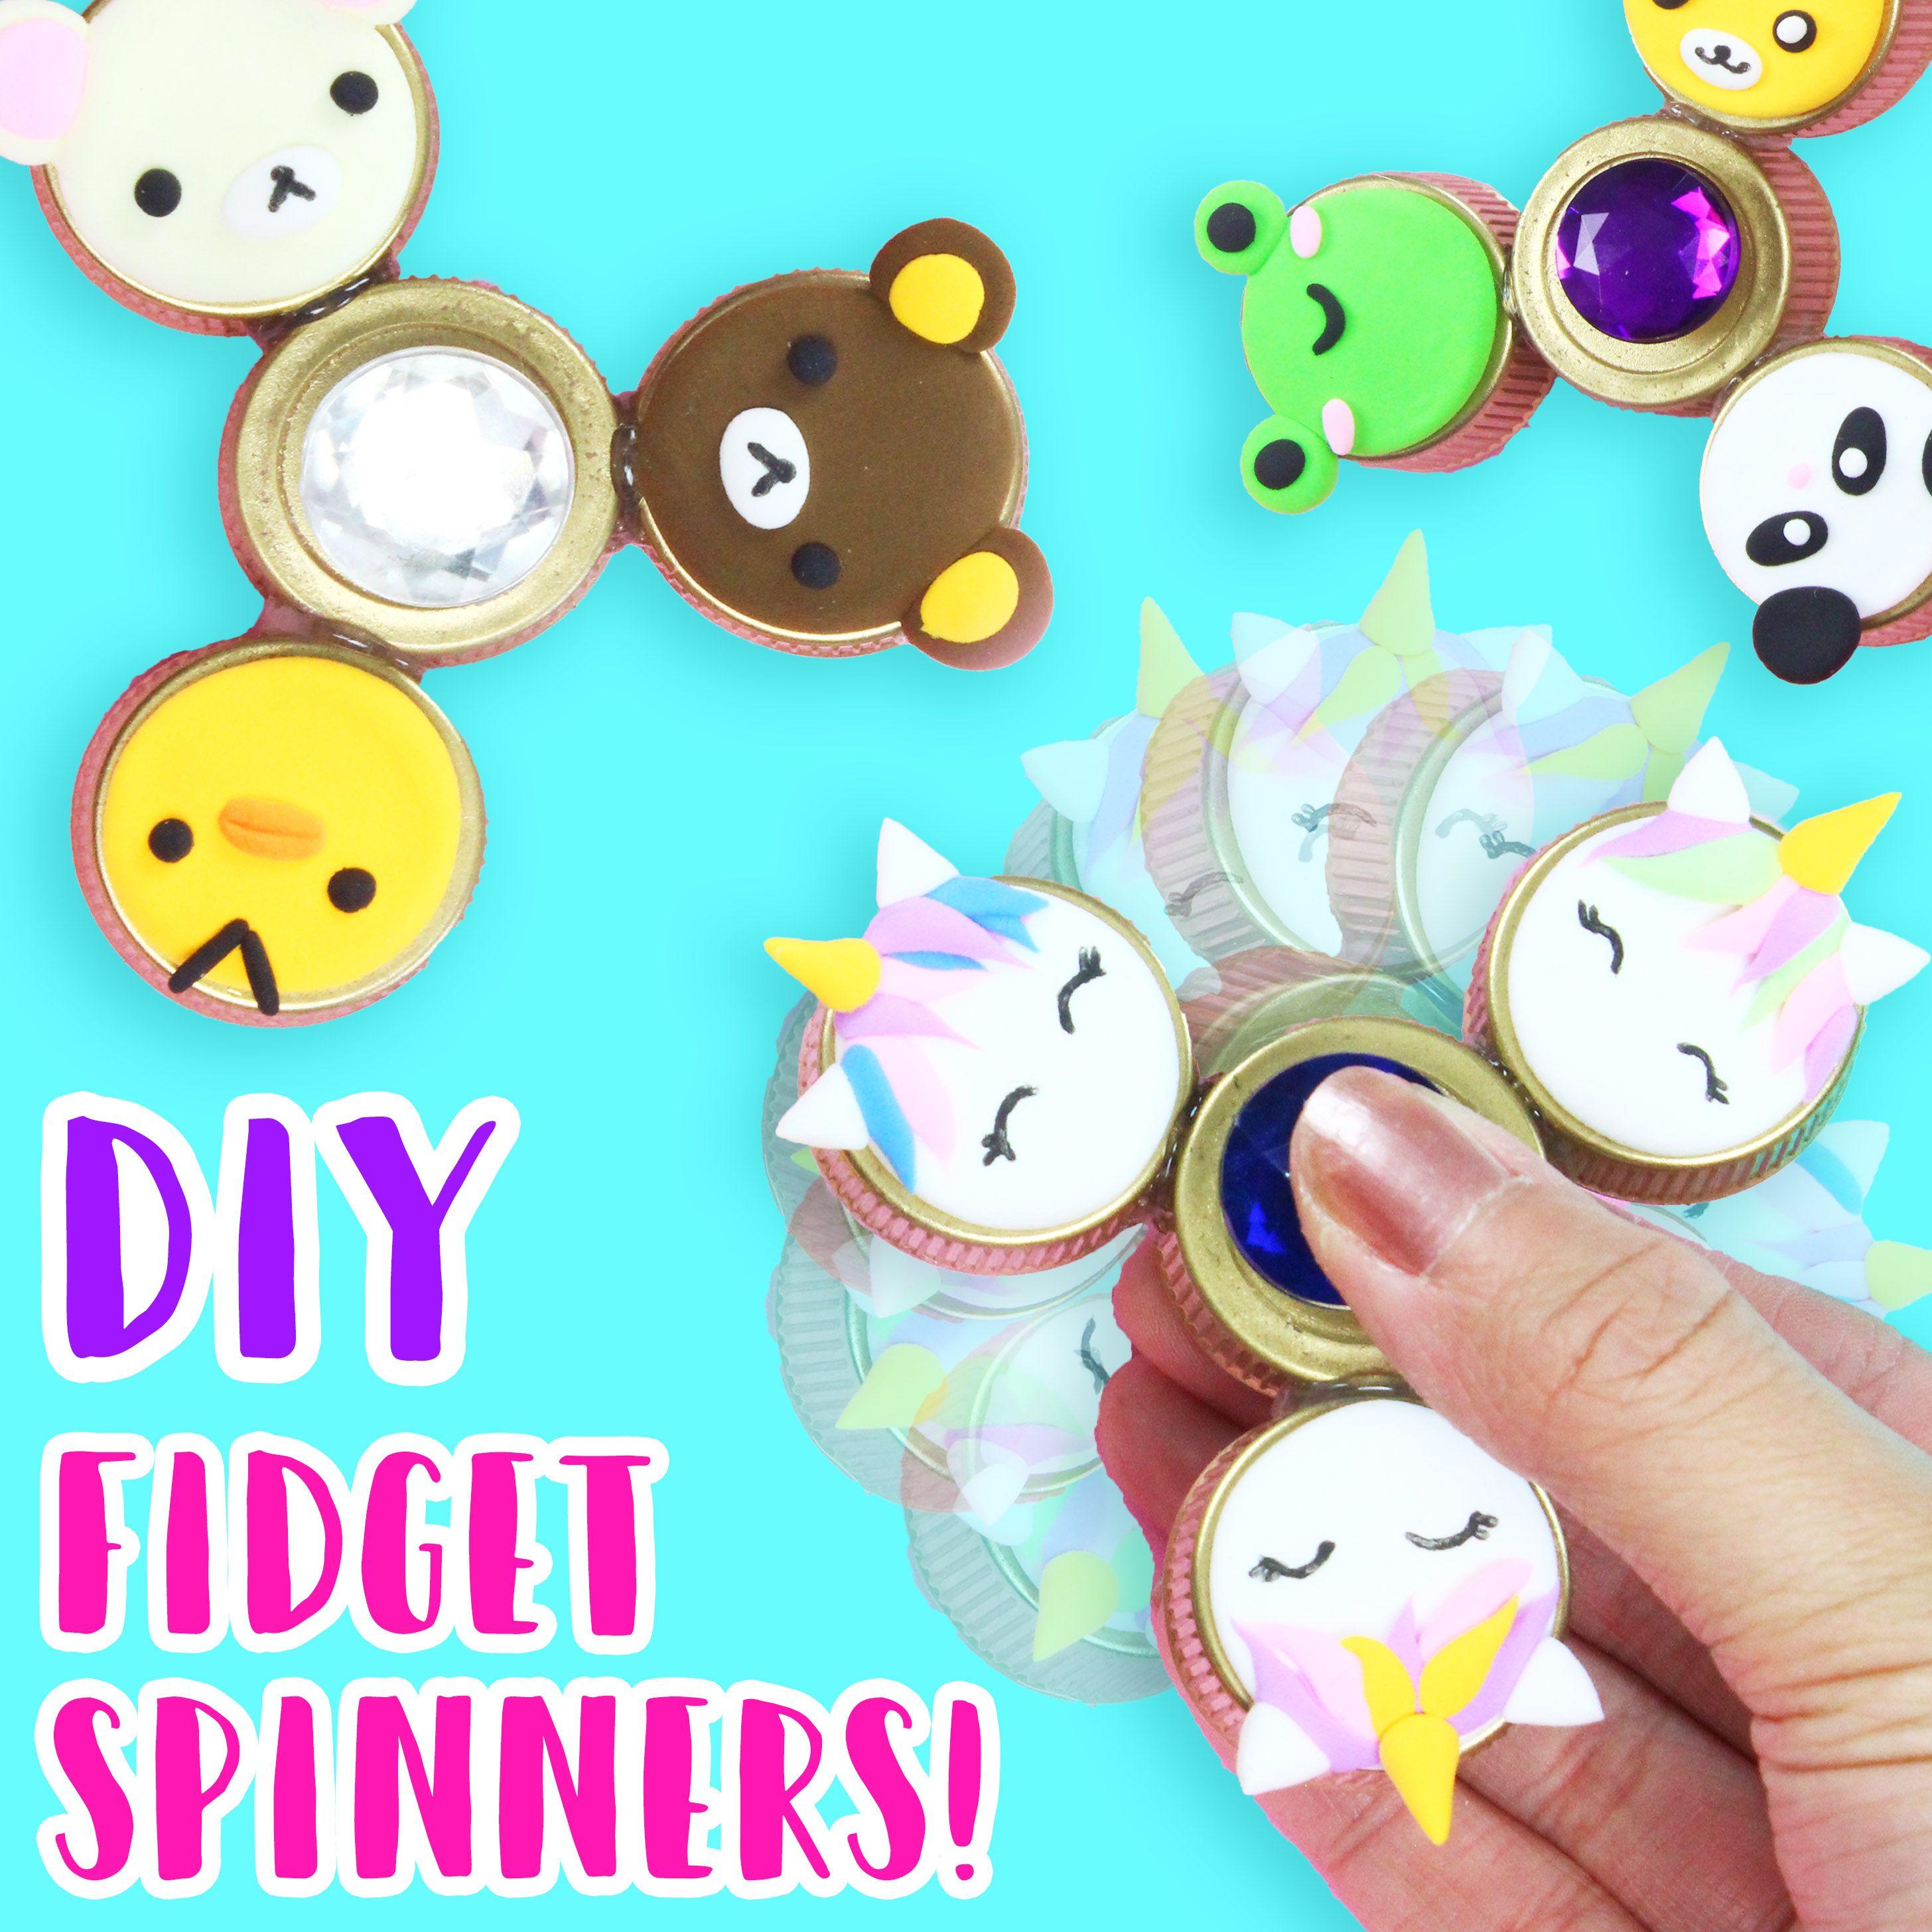 how to make diy fidget